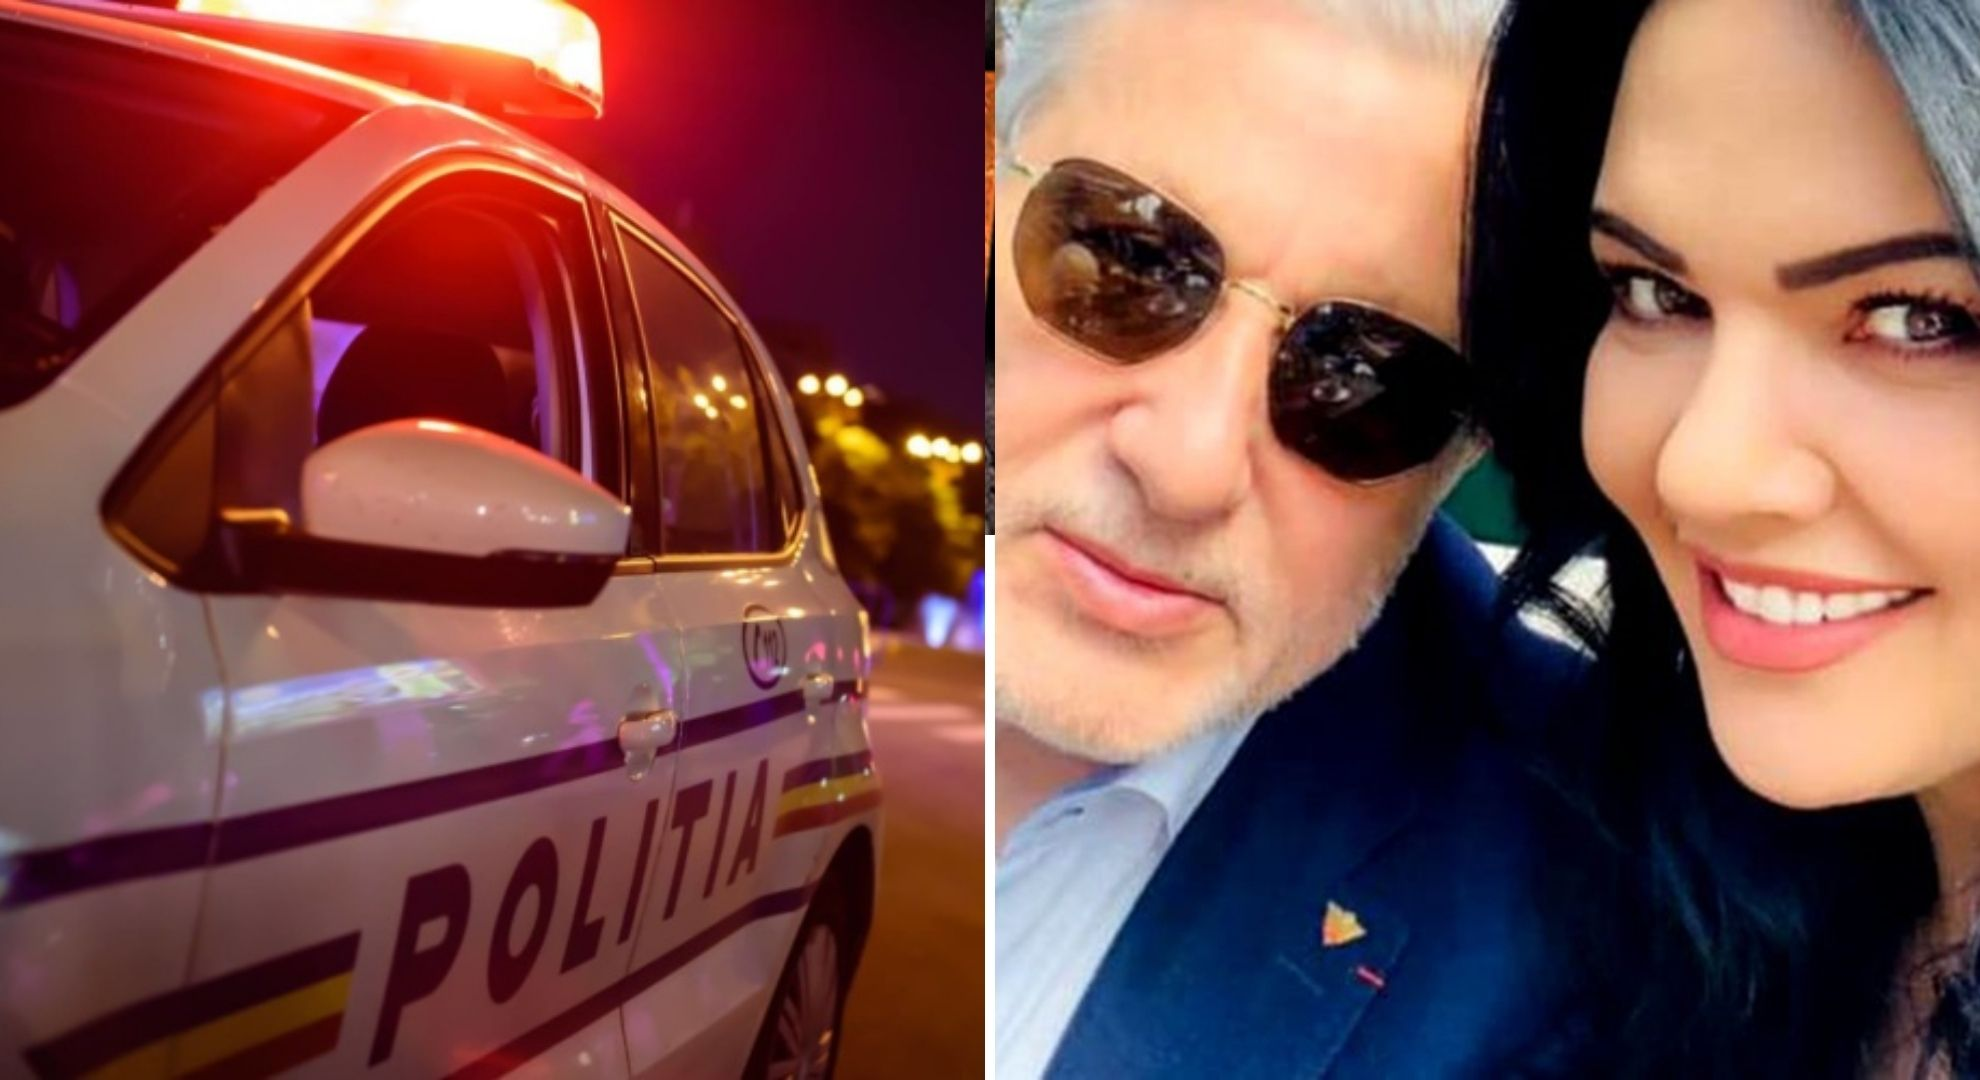 """Ilie Năstase acuzat de agresiune! Soția lui a chemat Poliția: """"am reușit să scap teafără pe ușă"""""""